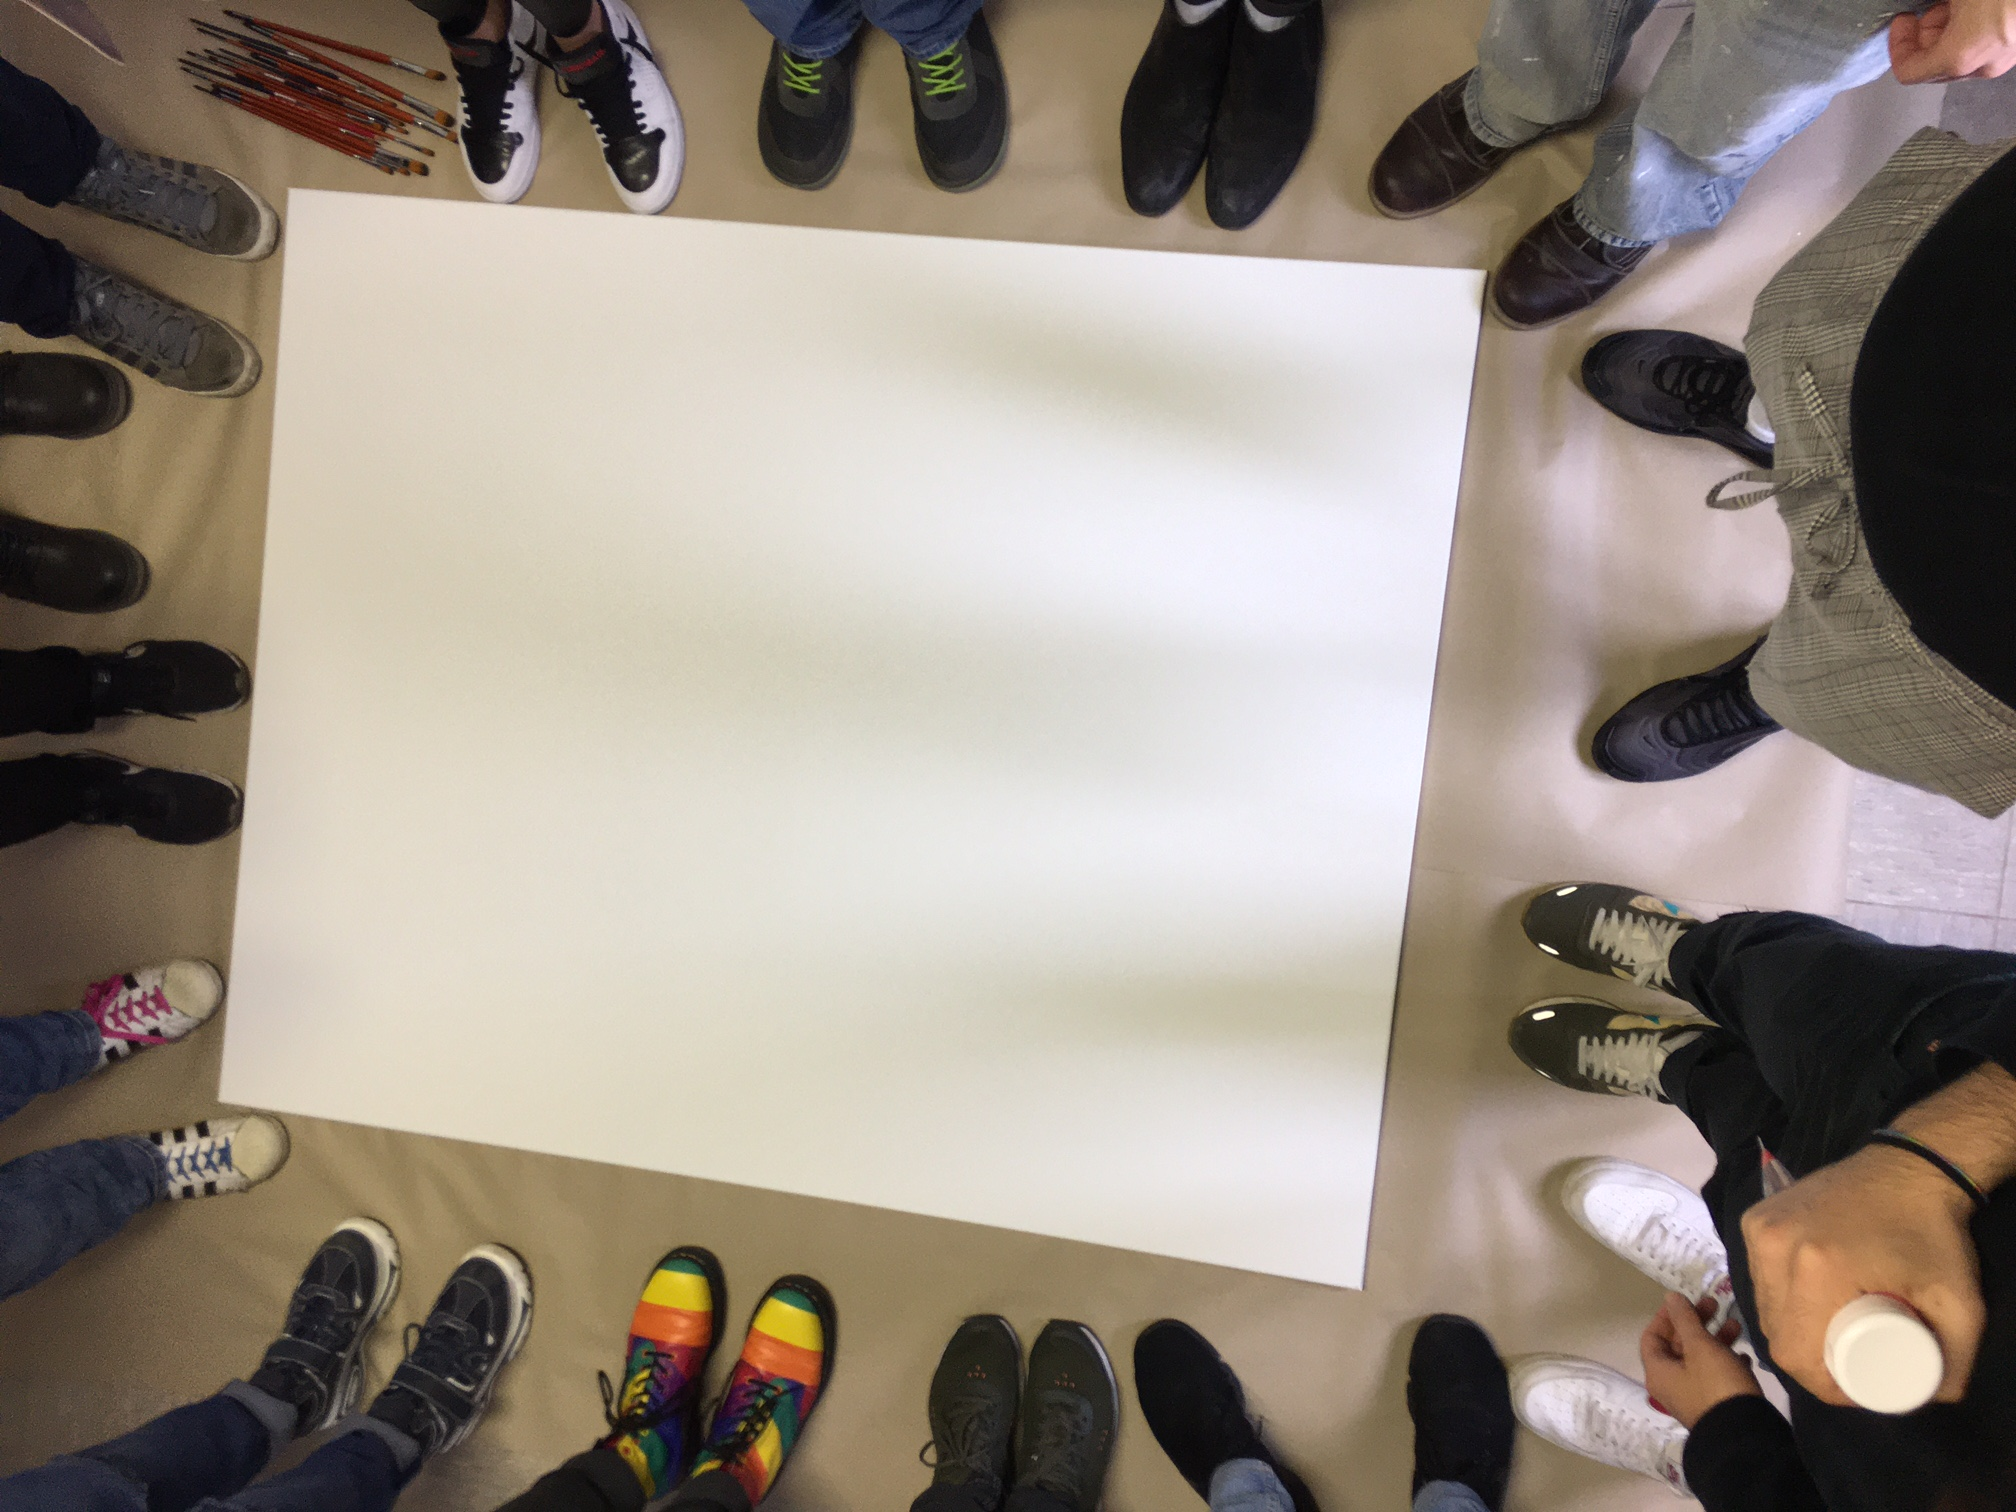 Das Bild zeigt ganz viele Füße die um ein leeres Plakat stehen